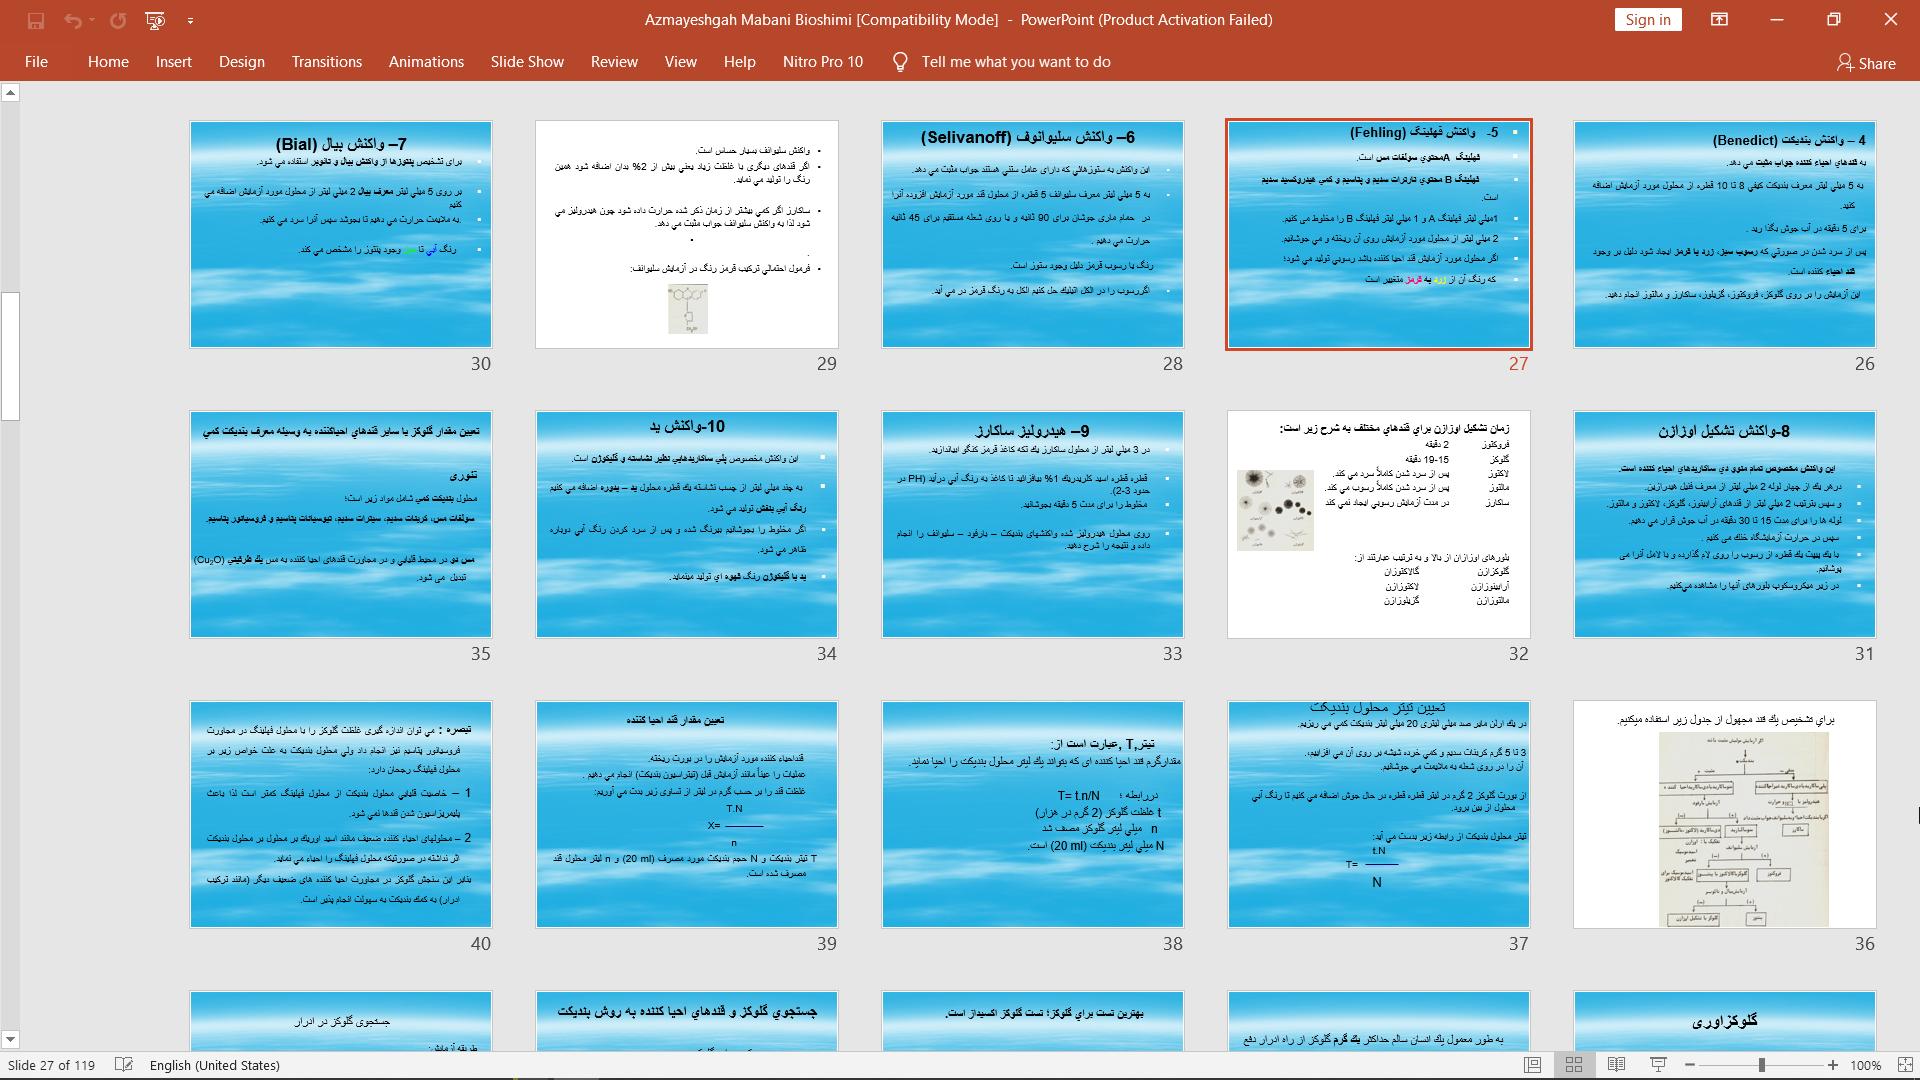 دانلود جزوه کامل آزمایشگاه مبانی بیوشیمی بصورت پاورپوینت ppt - رشته شیمی pdf